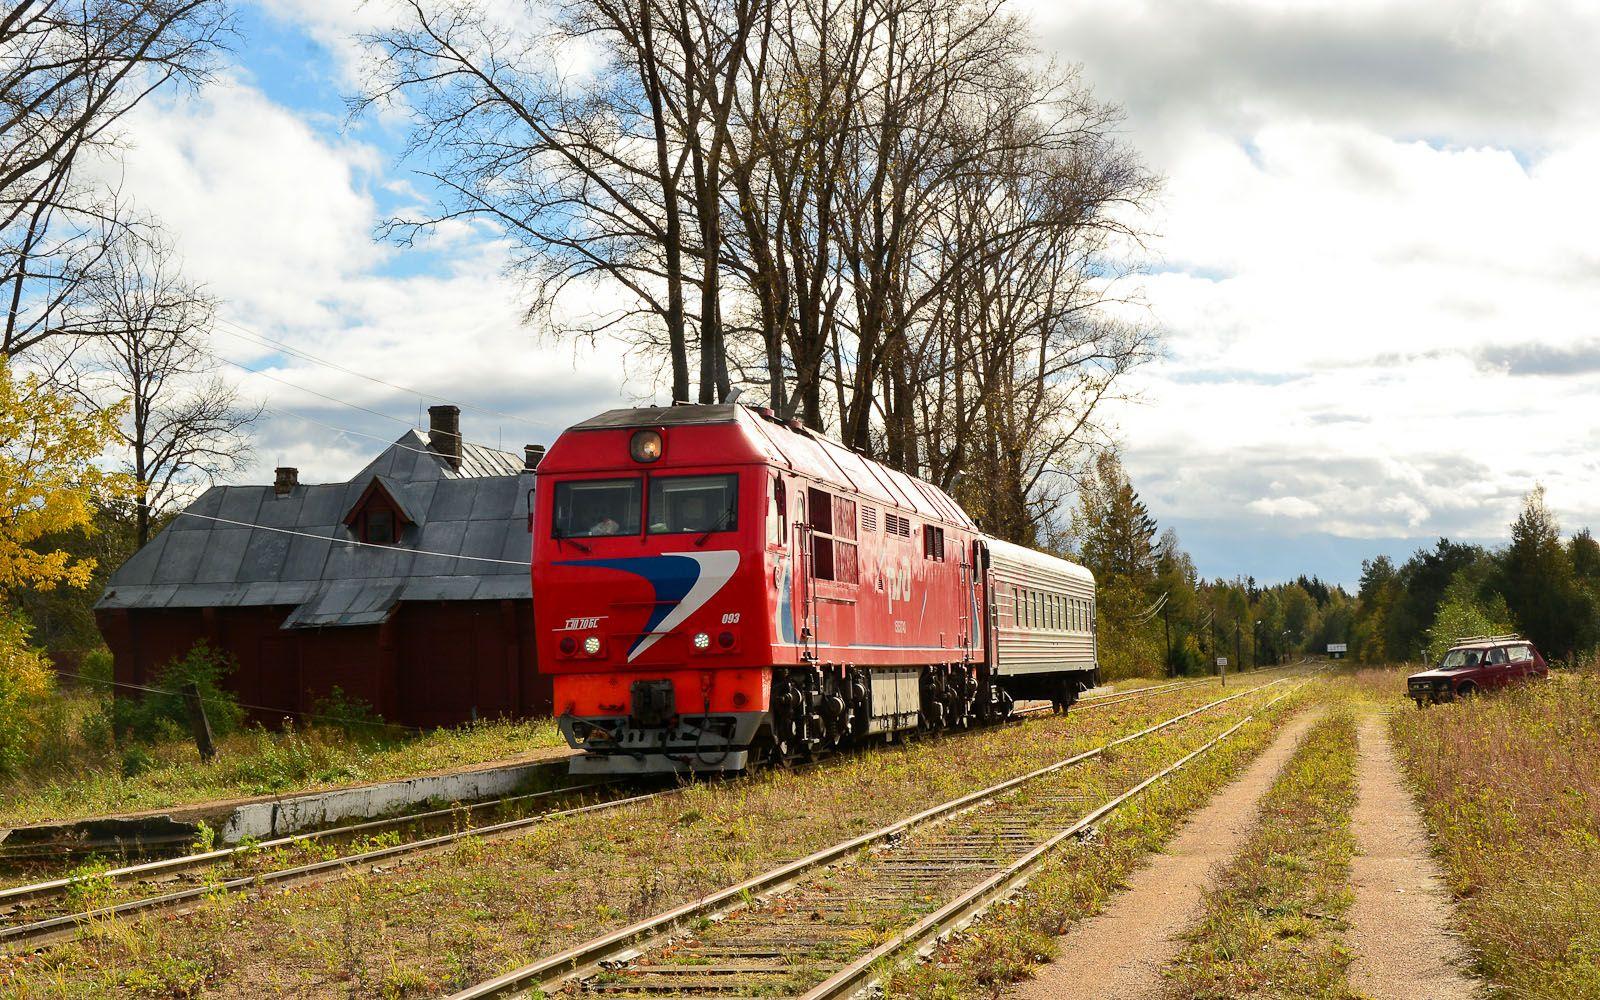 ©Foto: railmen Steffen Mann | An der Nebenstrecke Torschok-Ostraschkow gibt es 2 Bahnhöfe mit mechanischen Formsignalen und hölzernen Bahnhofsgebäuden. 2 x in der Woche fährt ein Personenzug-Paar (Fr und So hin und Sa und Mo zurück).